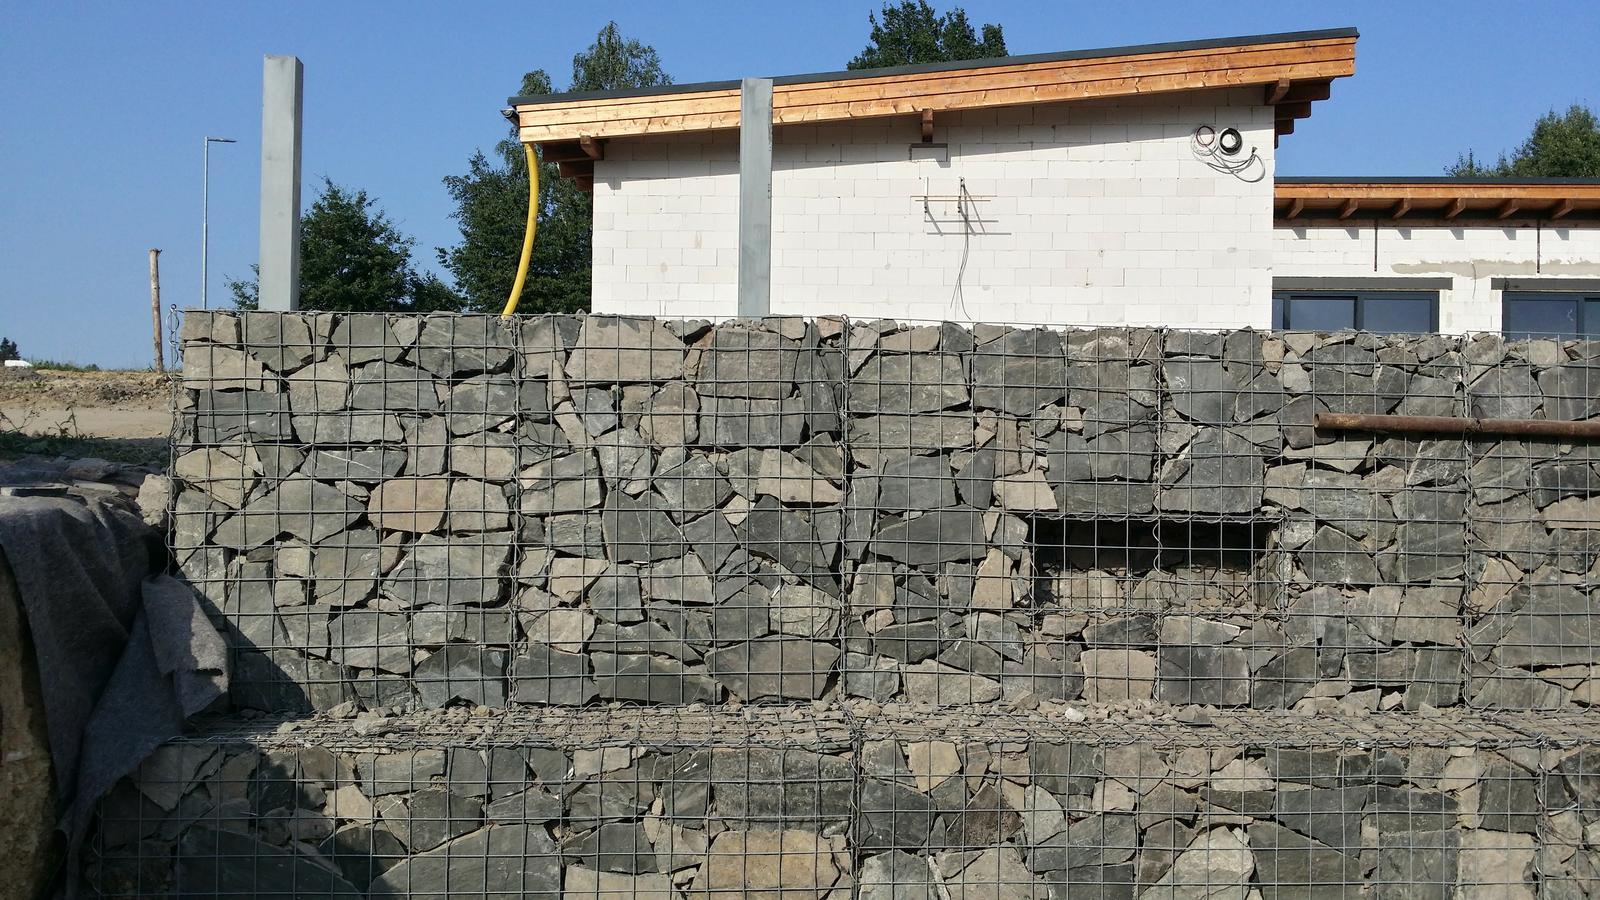 Opěrná zeď z gabionu 08/2017 - prosvětlená treláž na sklaničky u hlavního vchodu do domu